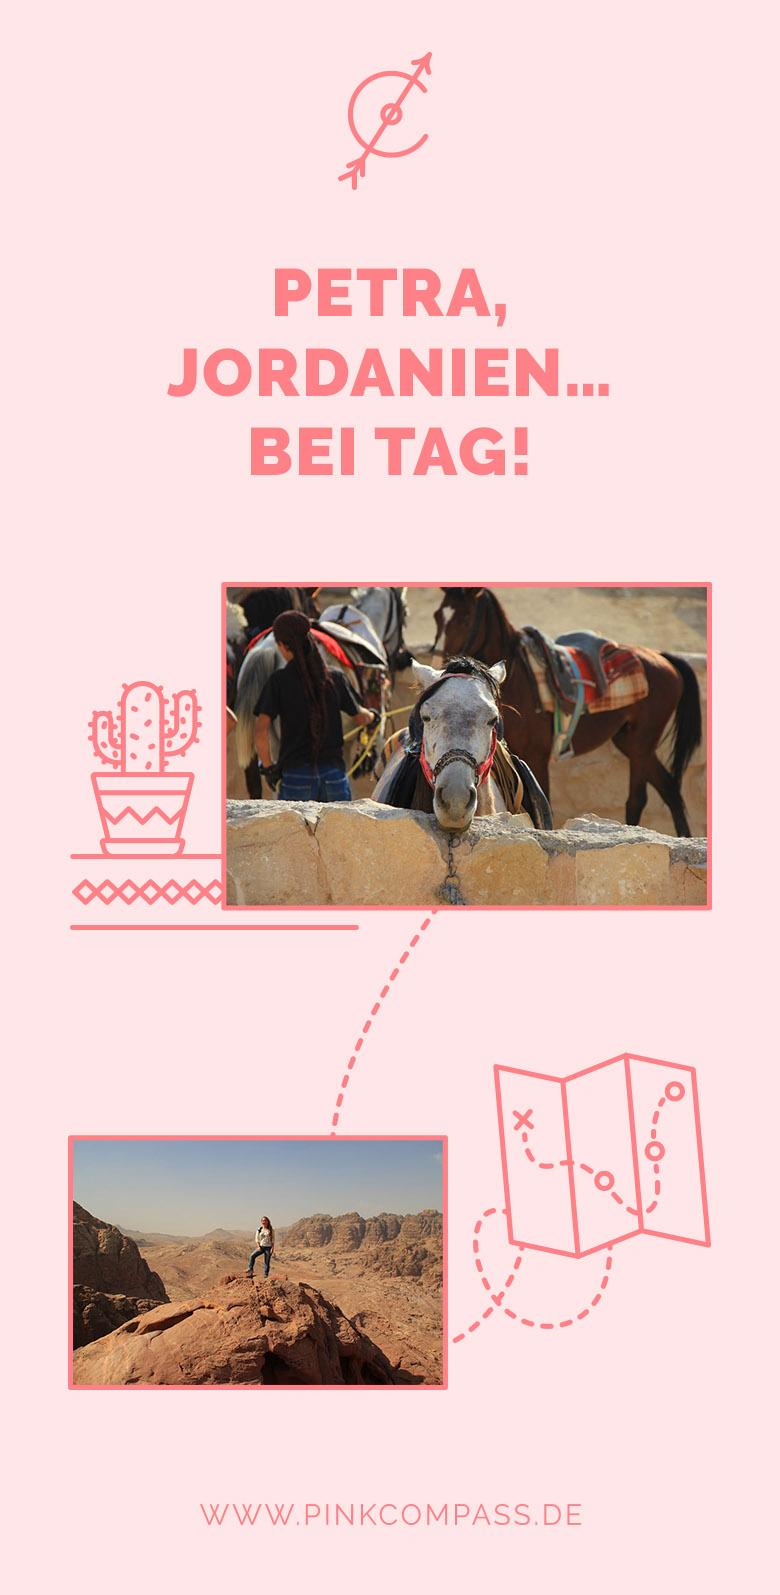 Tipps für Deine Reise nach Petra, Jordanien - bei Tag!